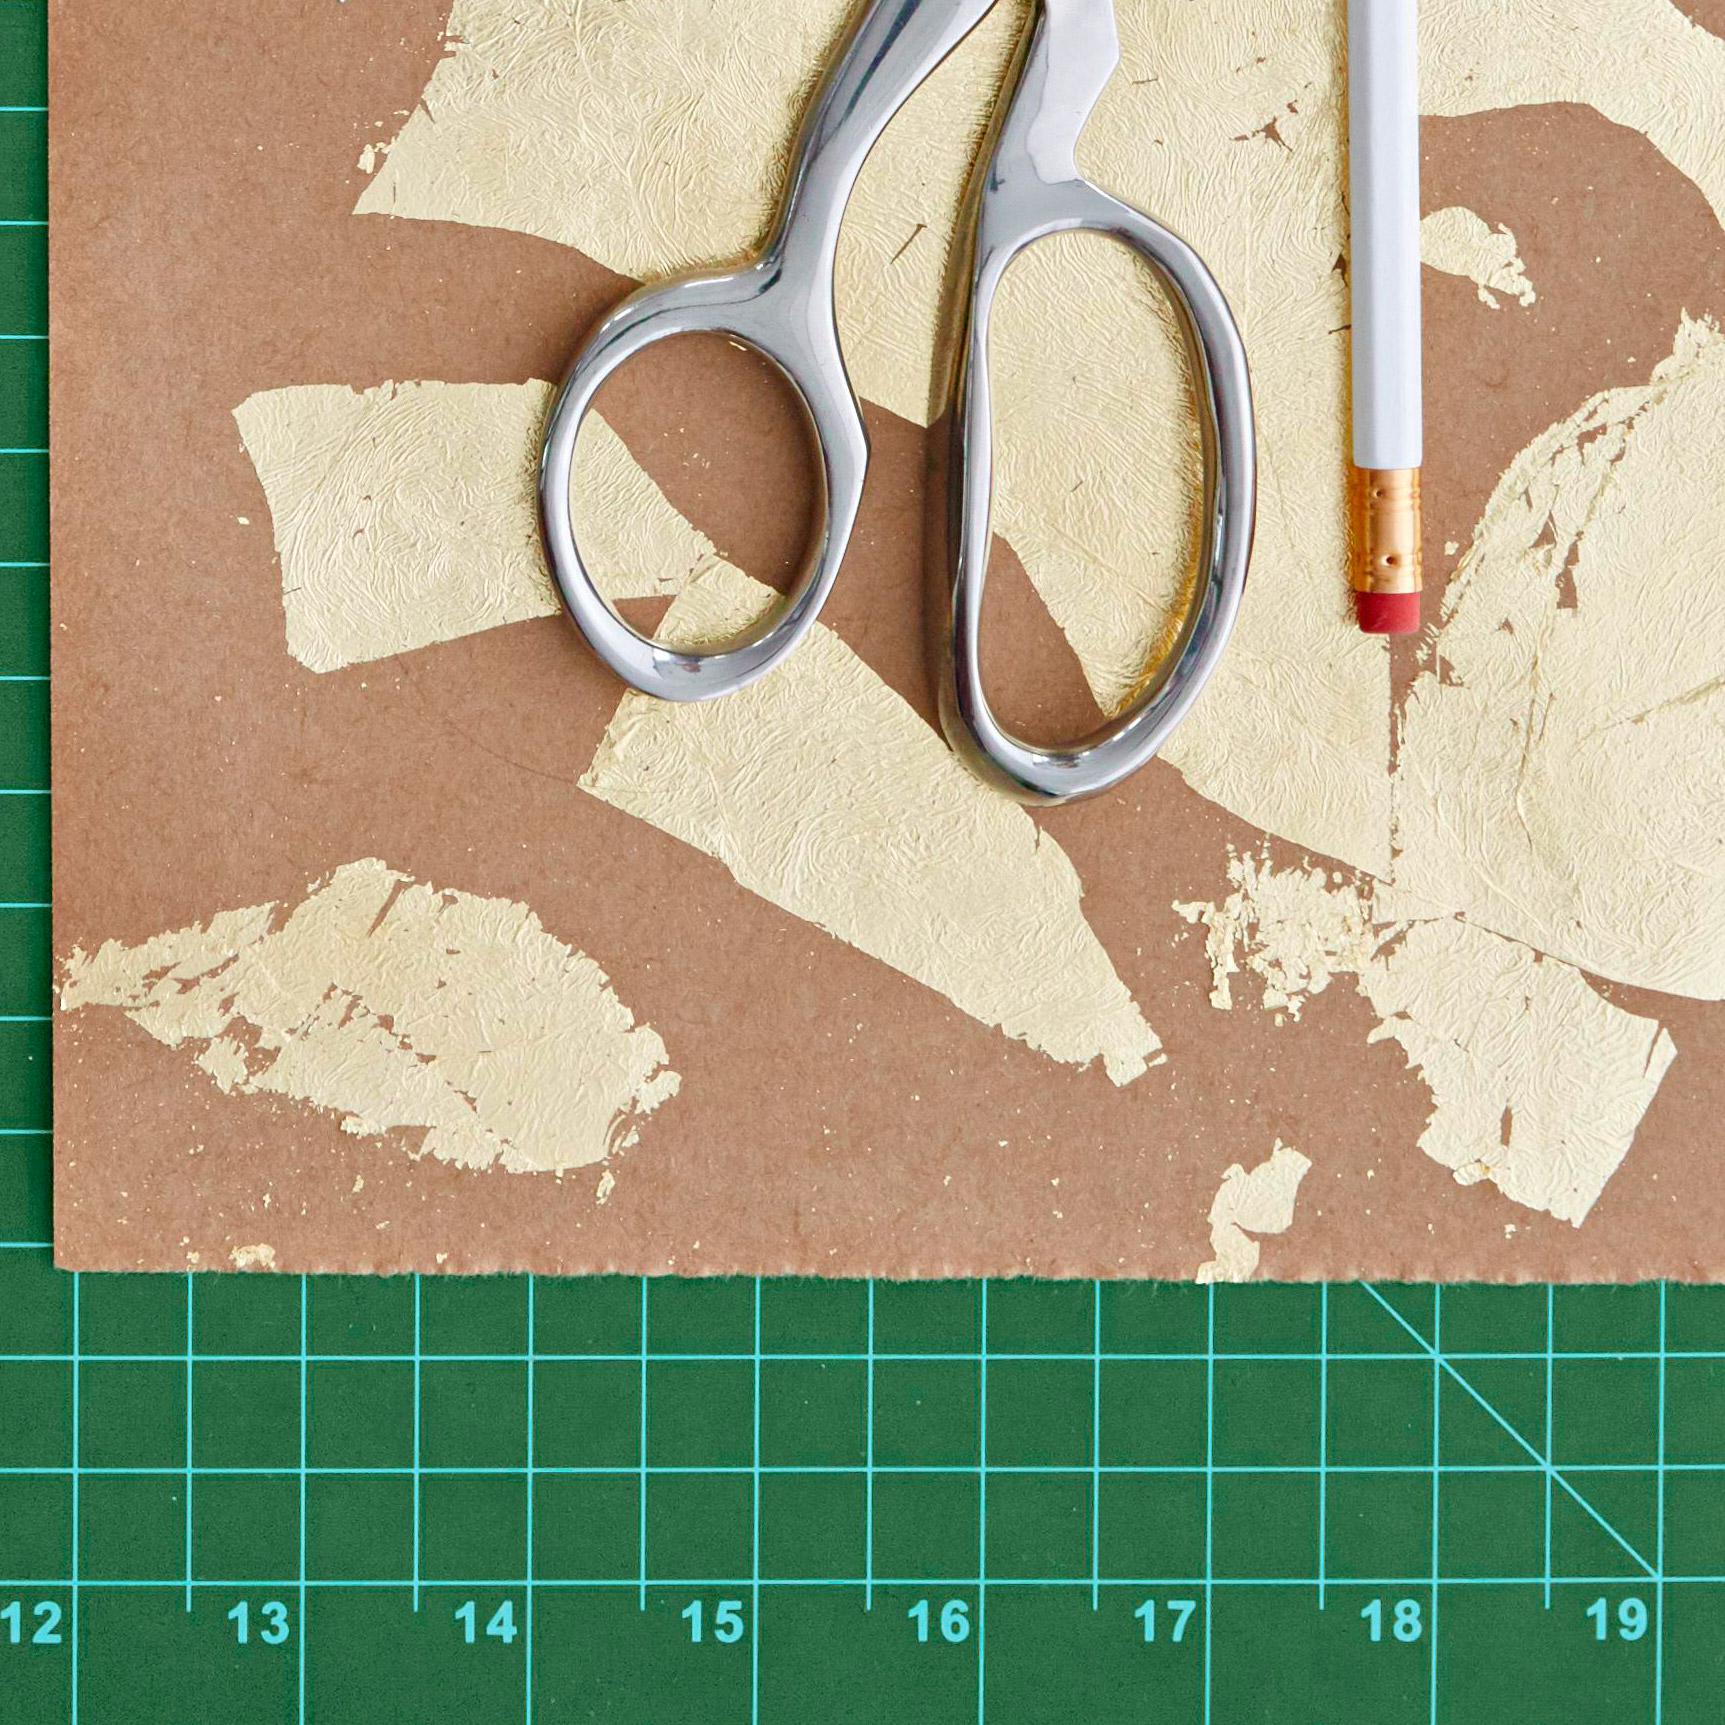 Gold-leaf paper